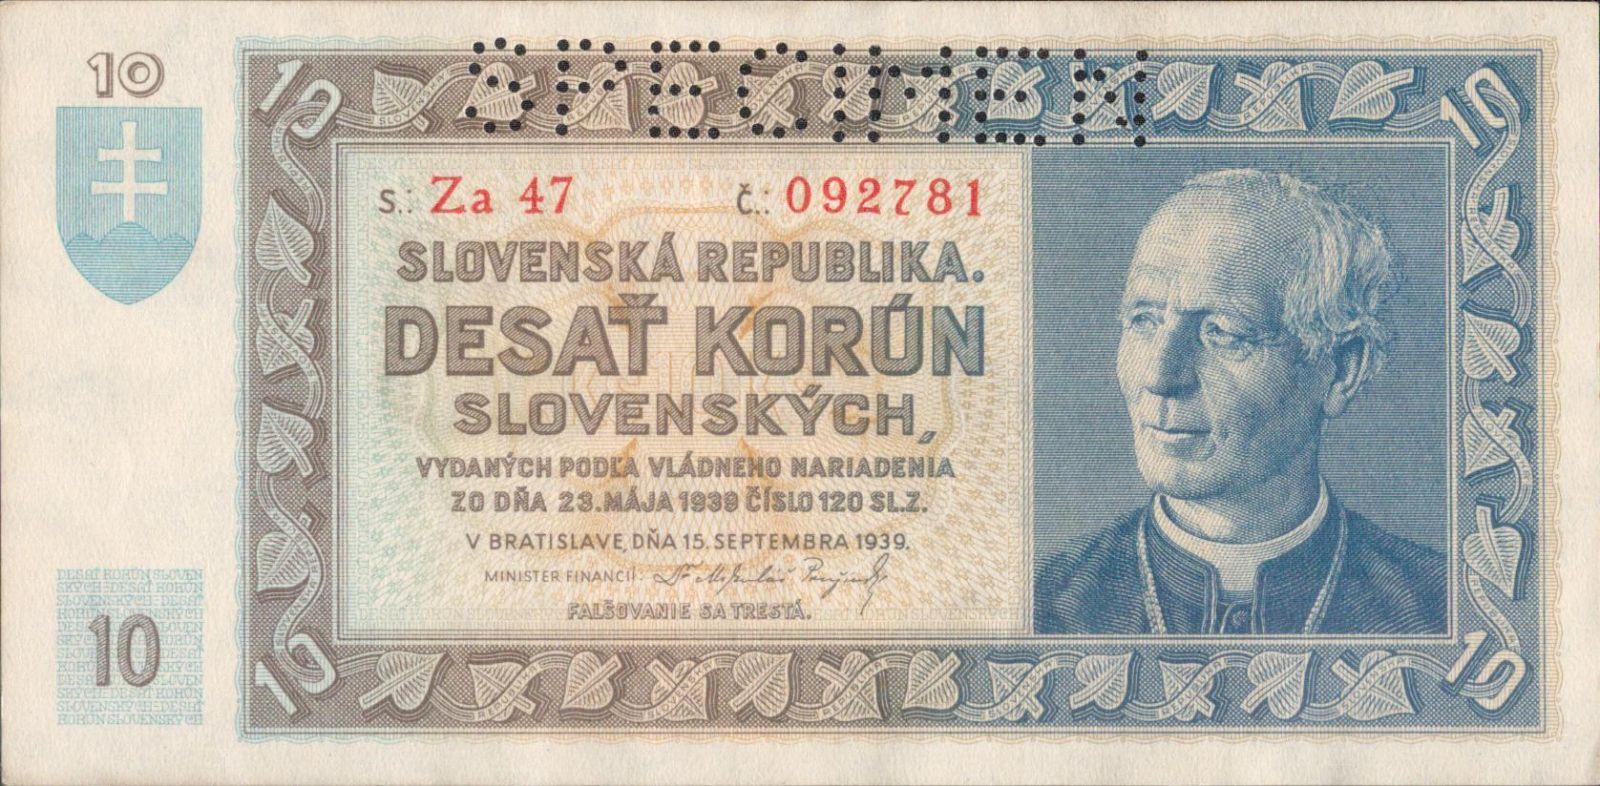 10Ks/1939/, stav 0 perf. SPECIMEN, série Za 47